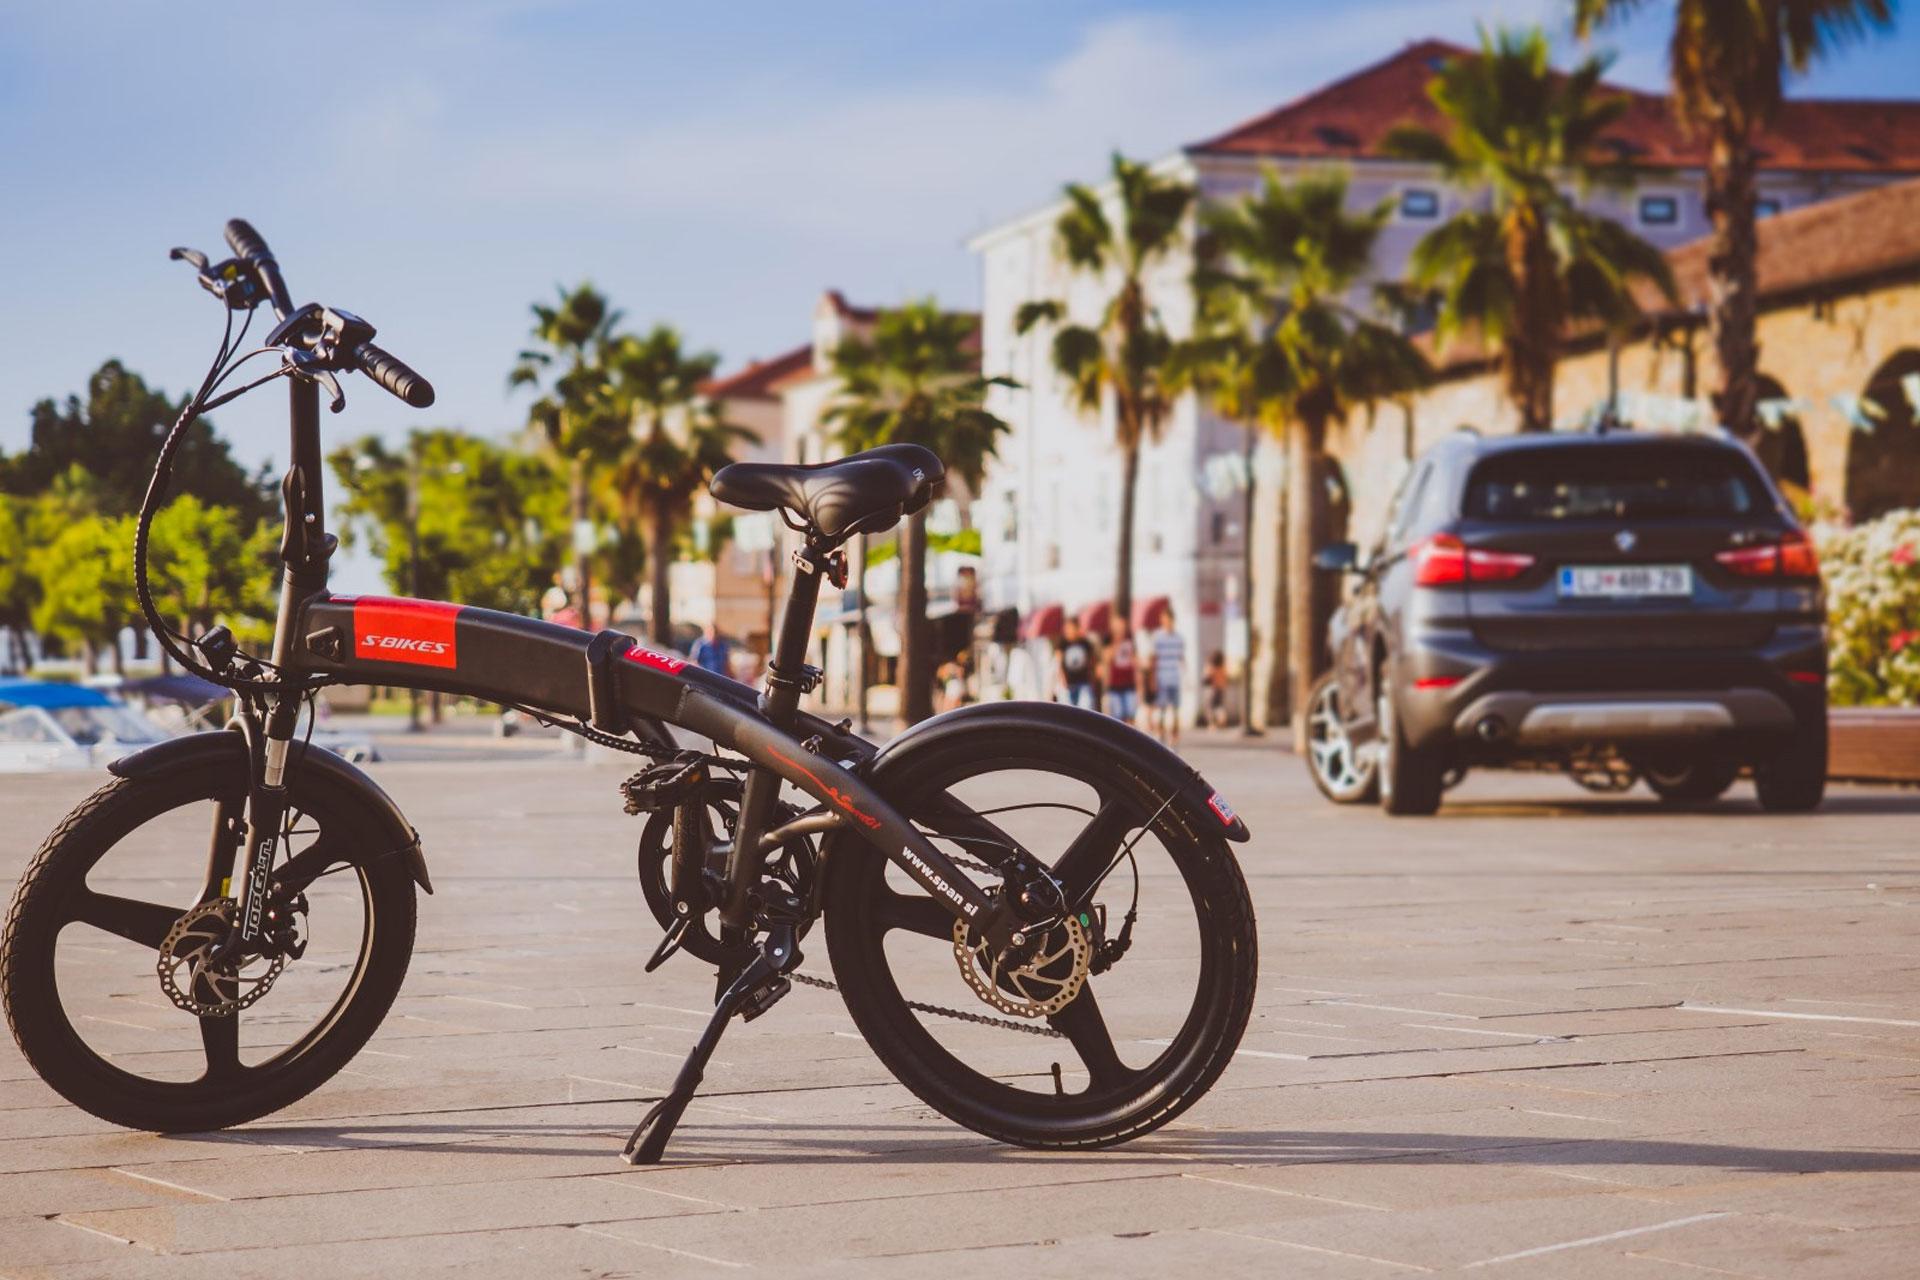 referencia S-bikes